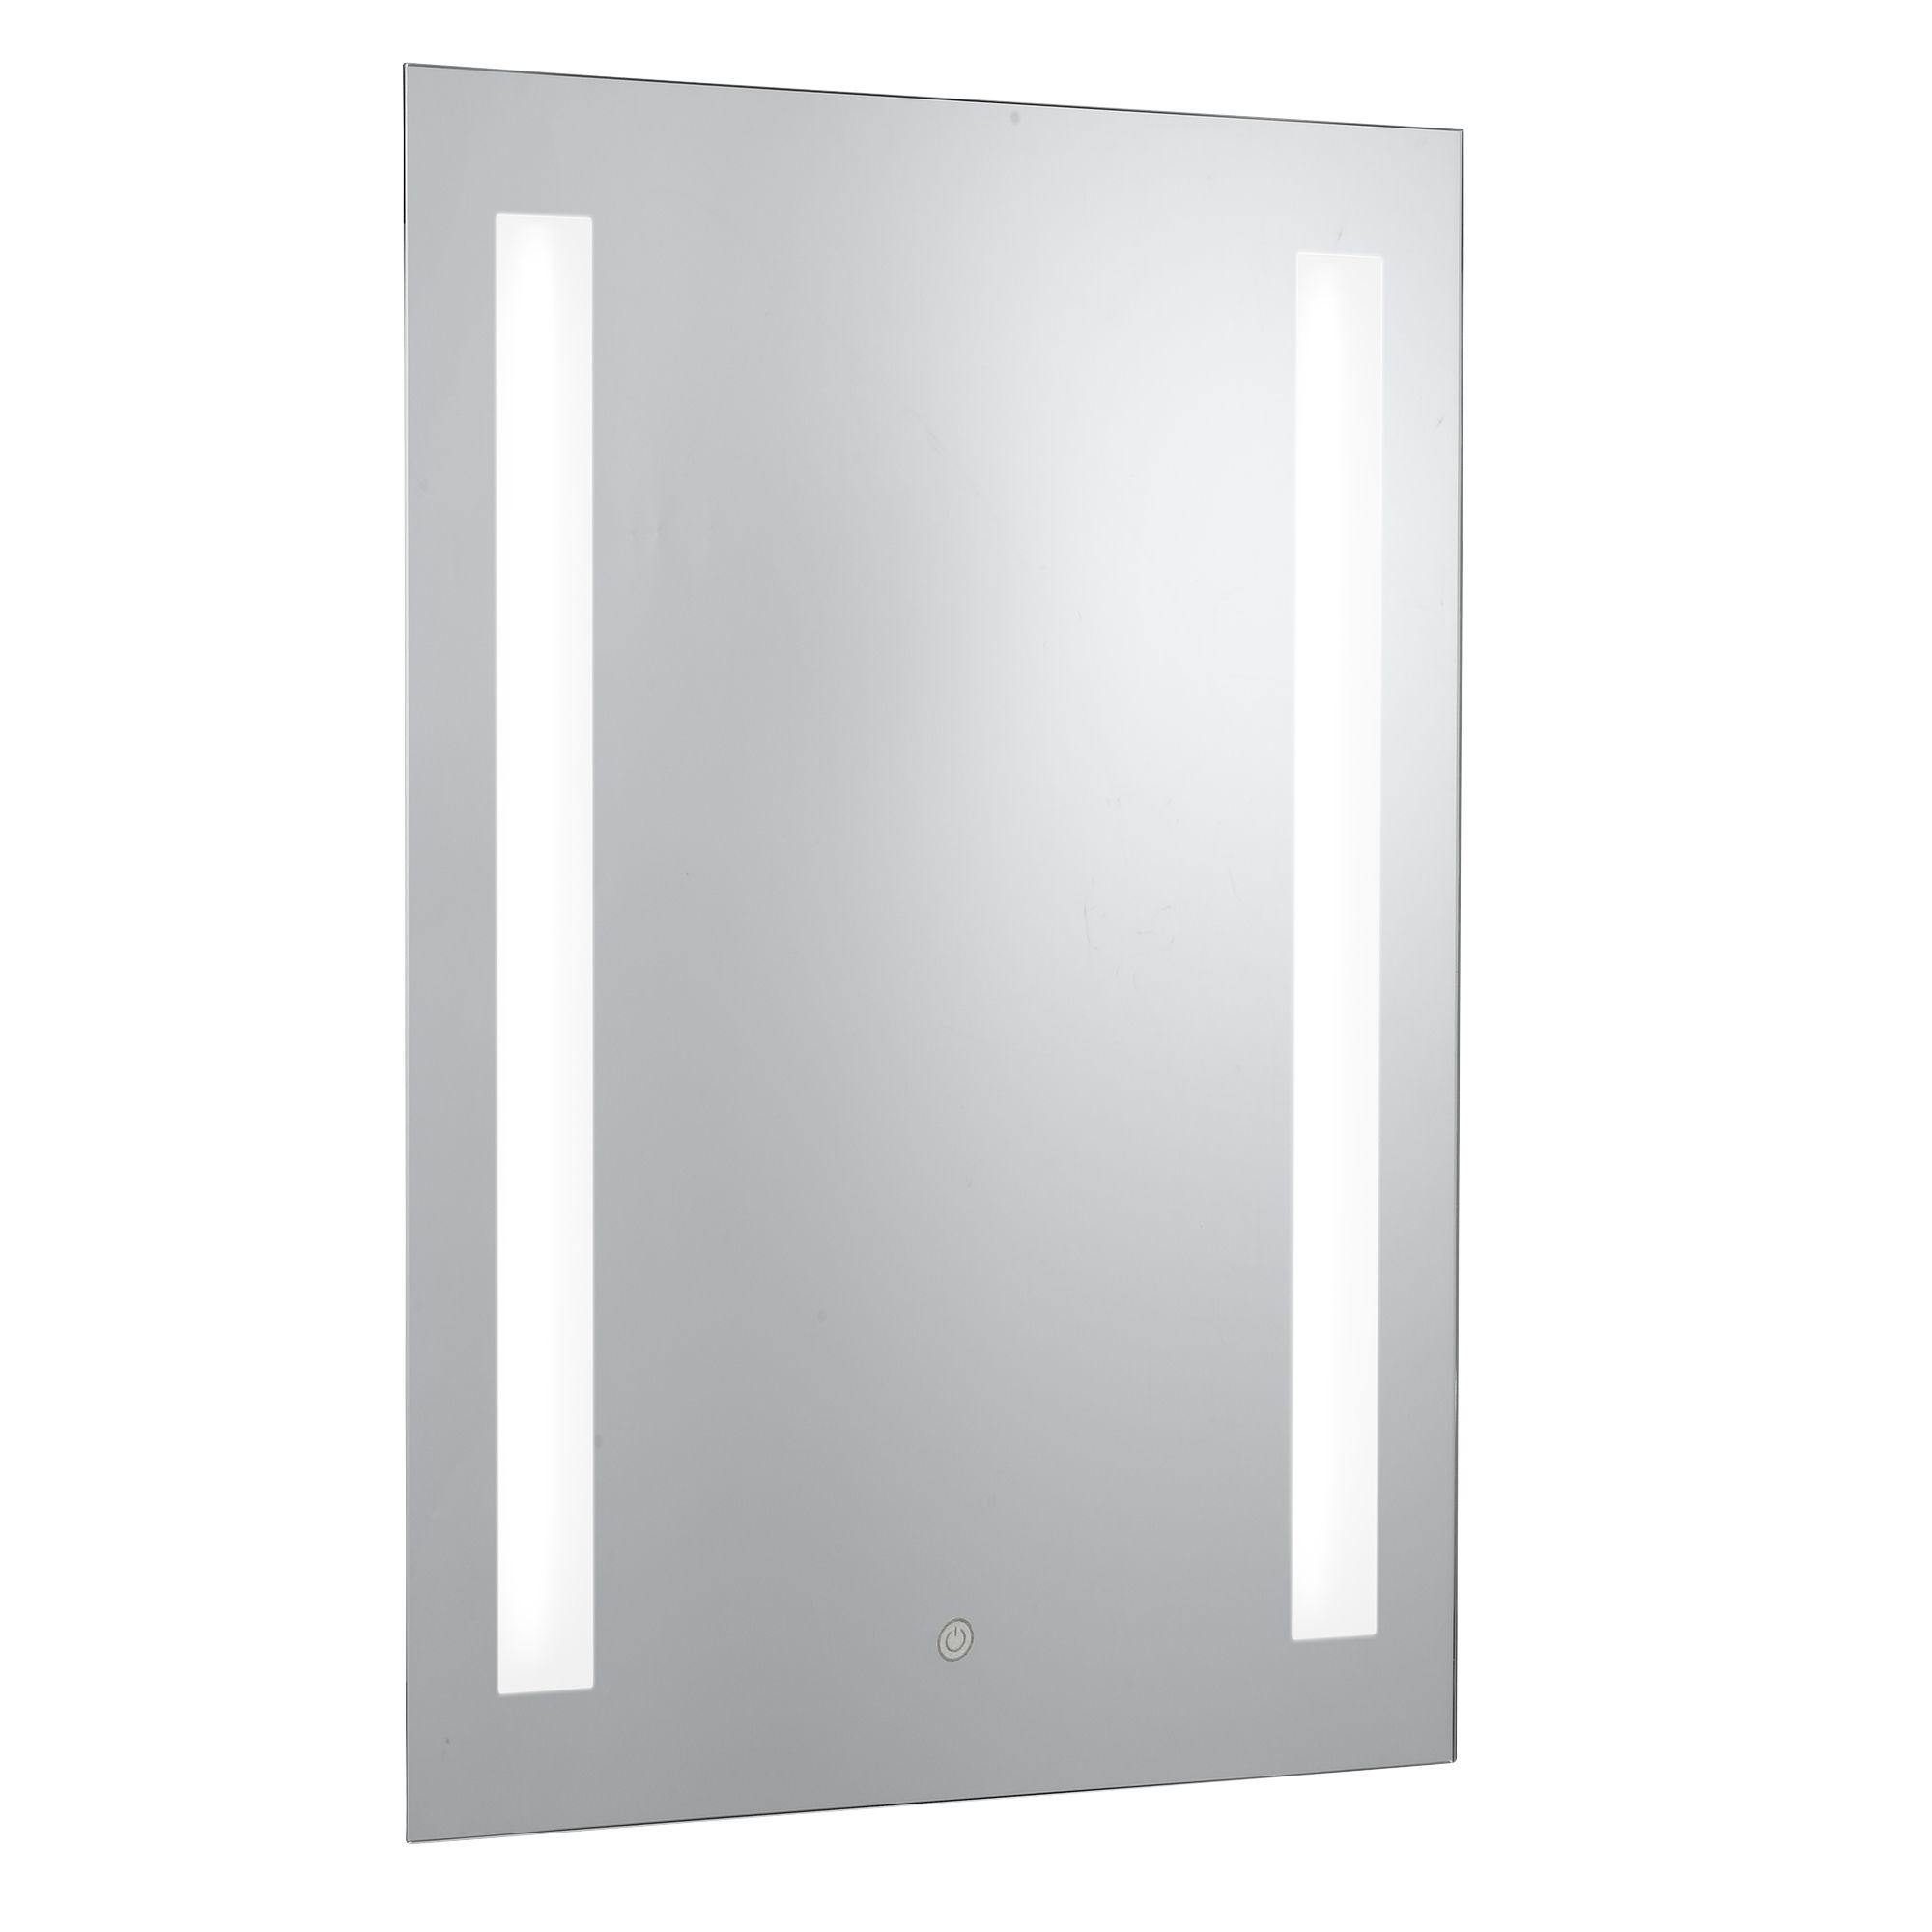 Ip44 2 Light Oblong Bathroom Mirror, Shaver Socket, Blue Switched